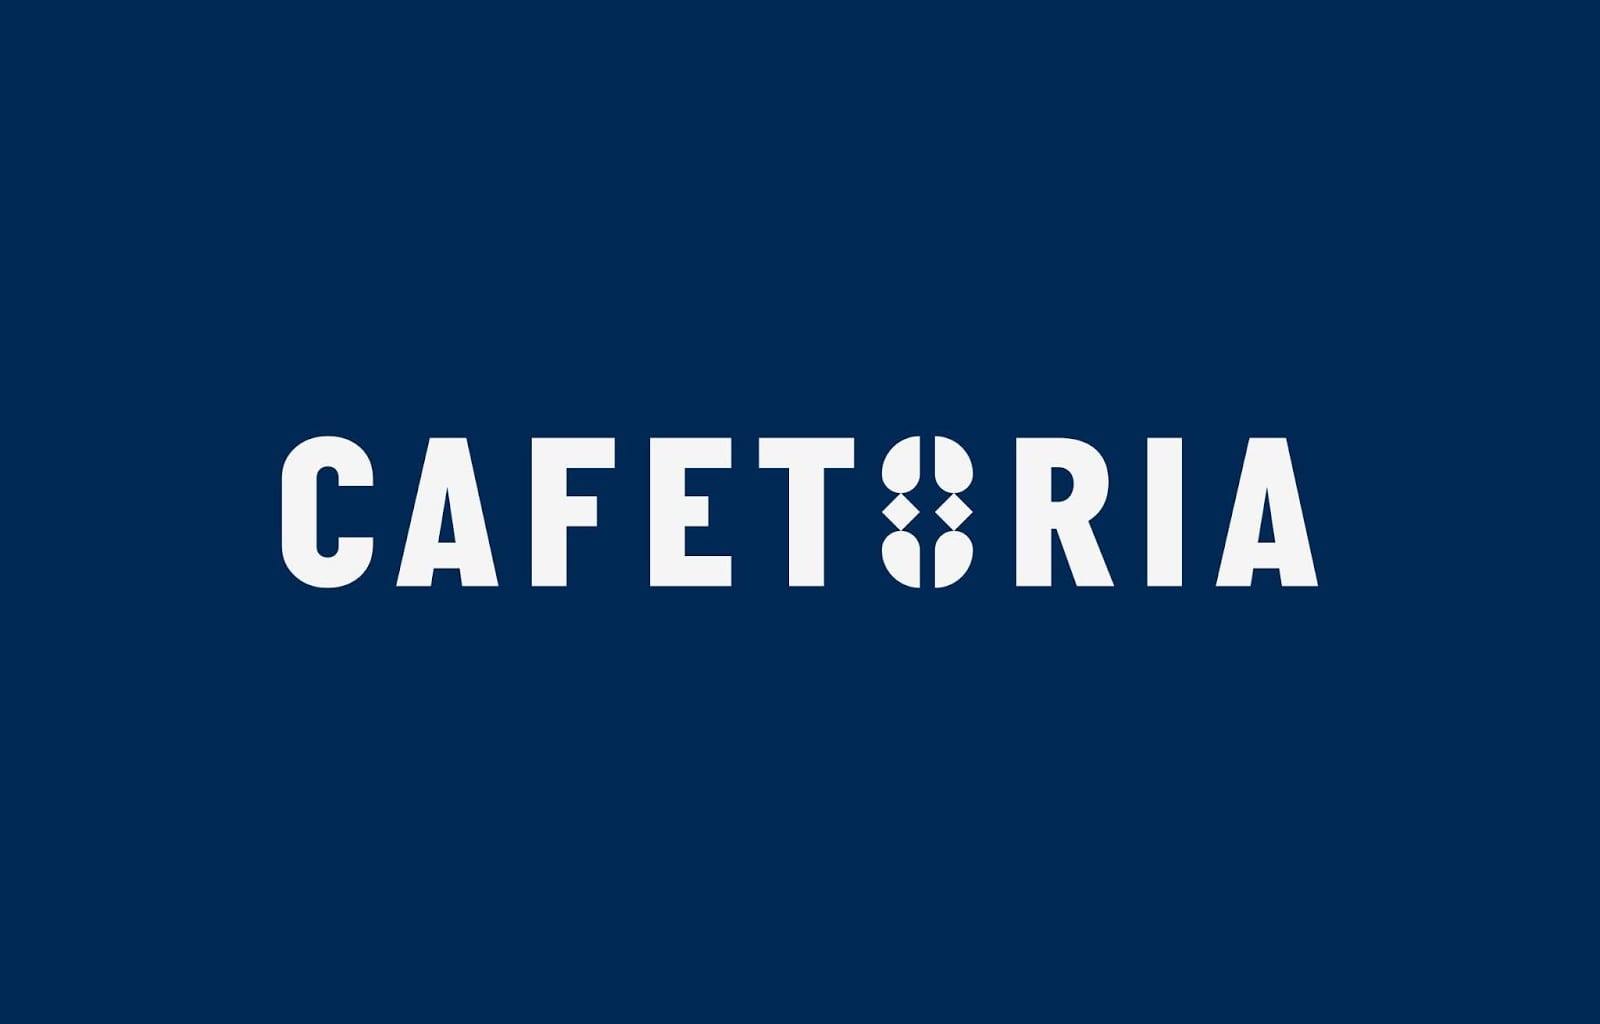 Cafetoria 09 - Ach, tie obaly – Cafetoria